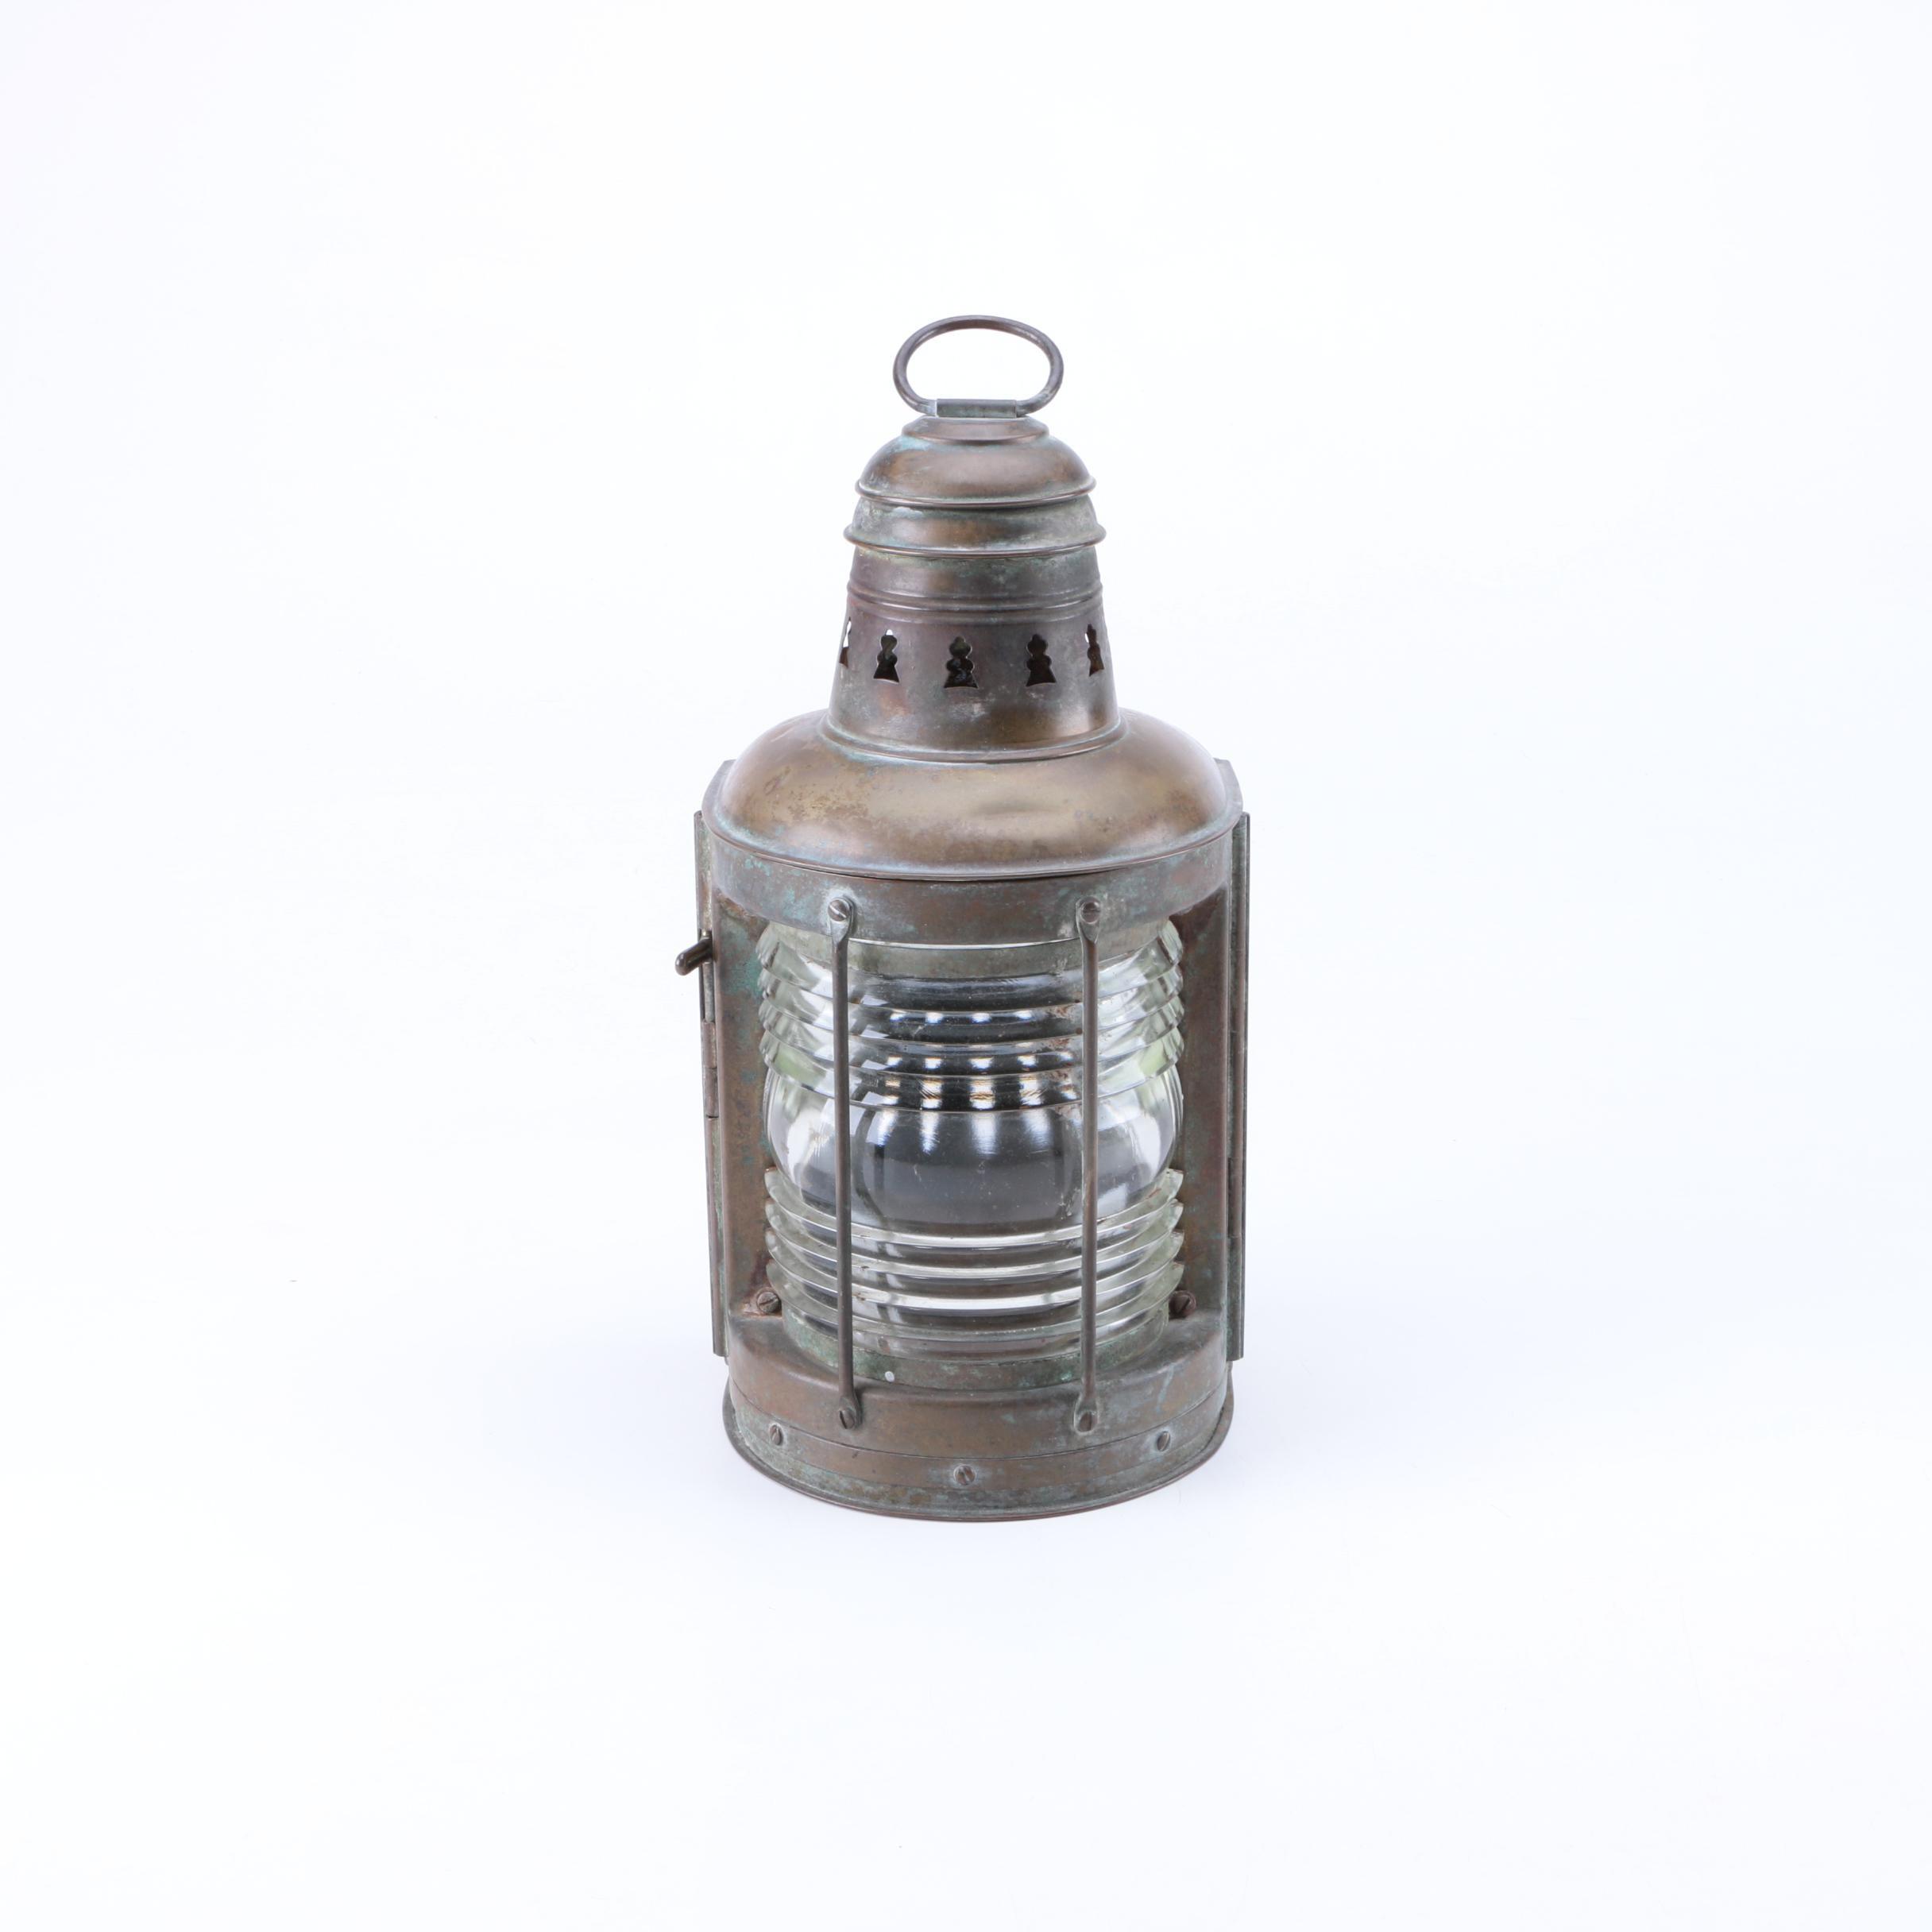 Perko Vintage Marine Light